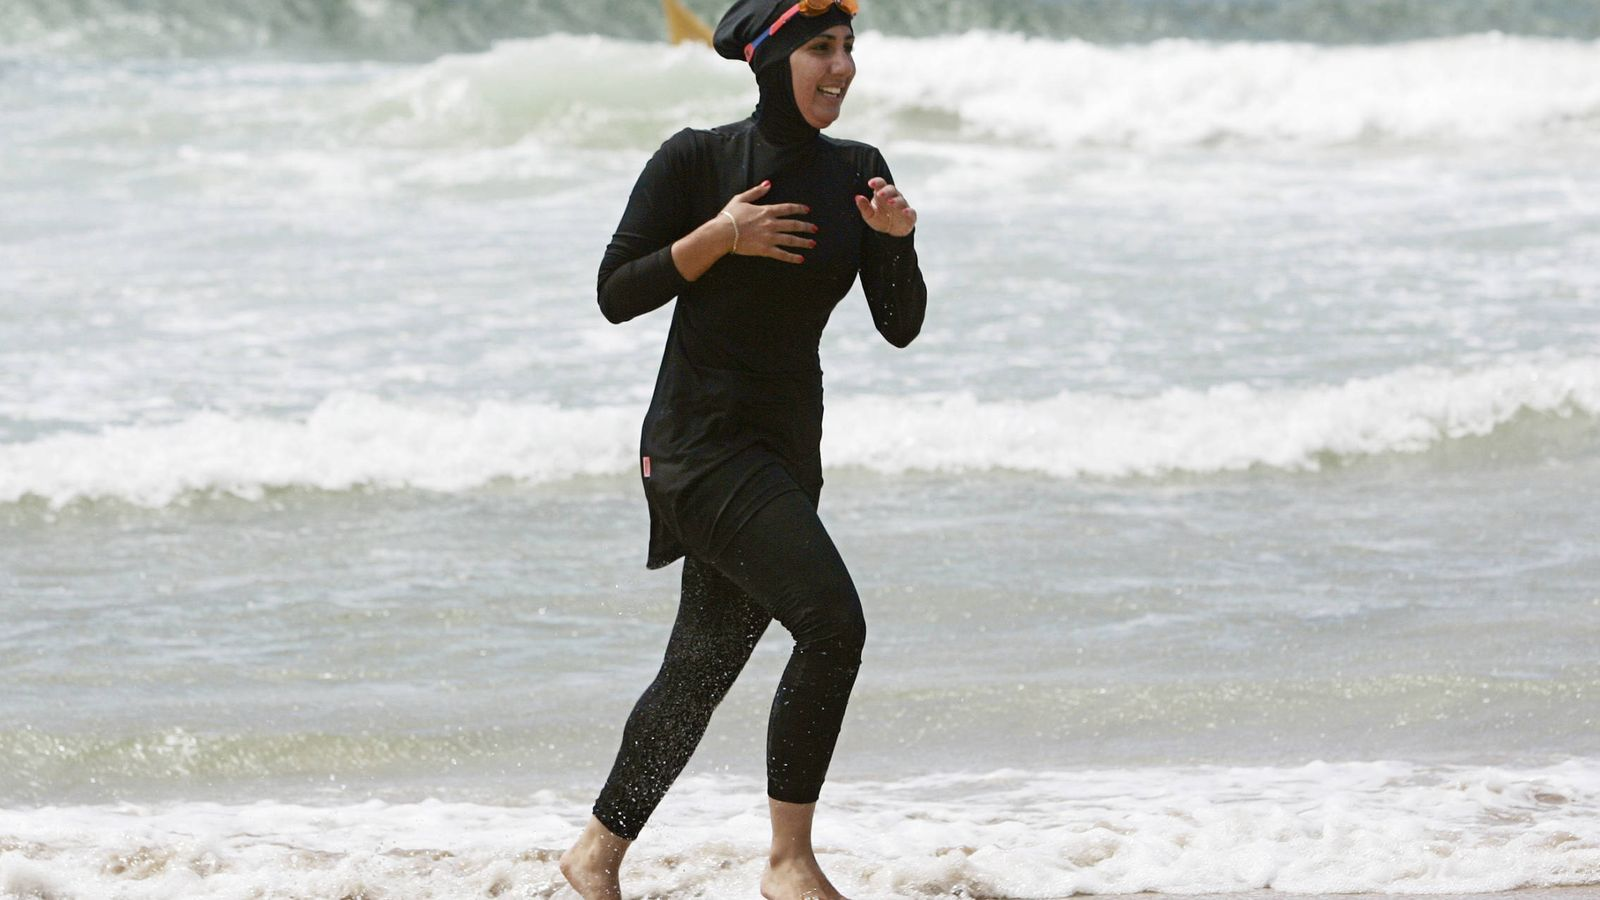 Mujeres Musulmanas Desnudas noticias de europa: prohibir el burkini es ridículo. hay